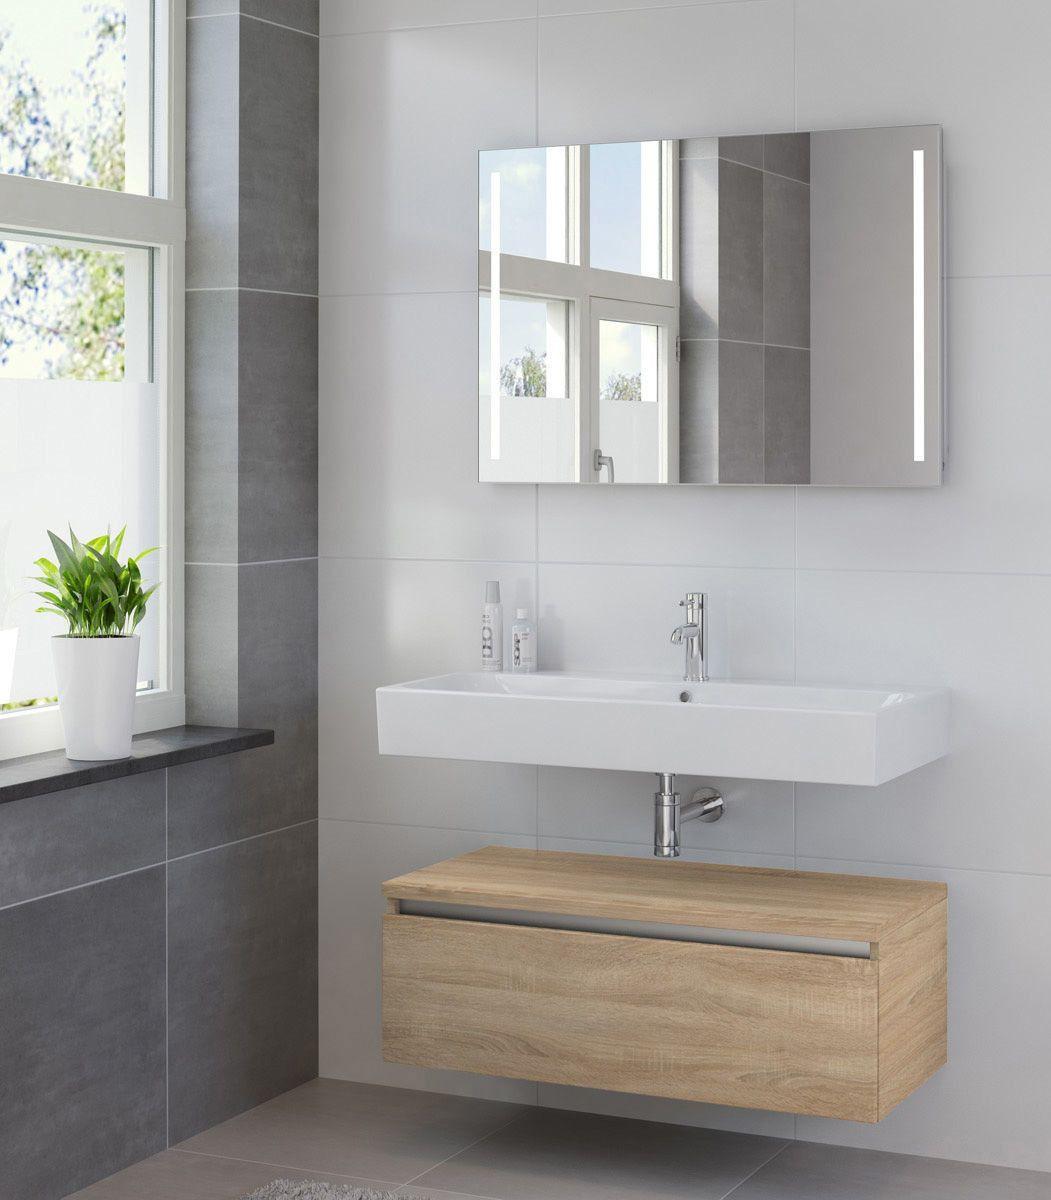 Modern Badkamer Meubel Stoere Grote Wastafel En Losse